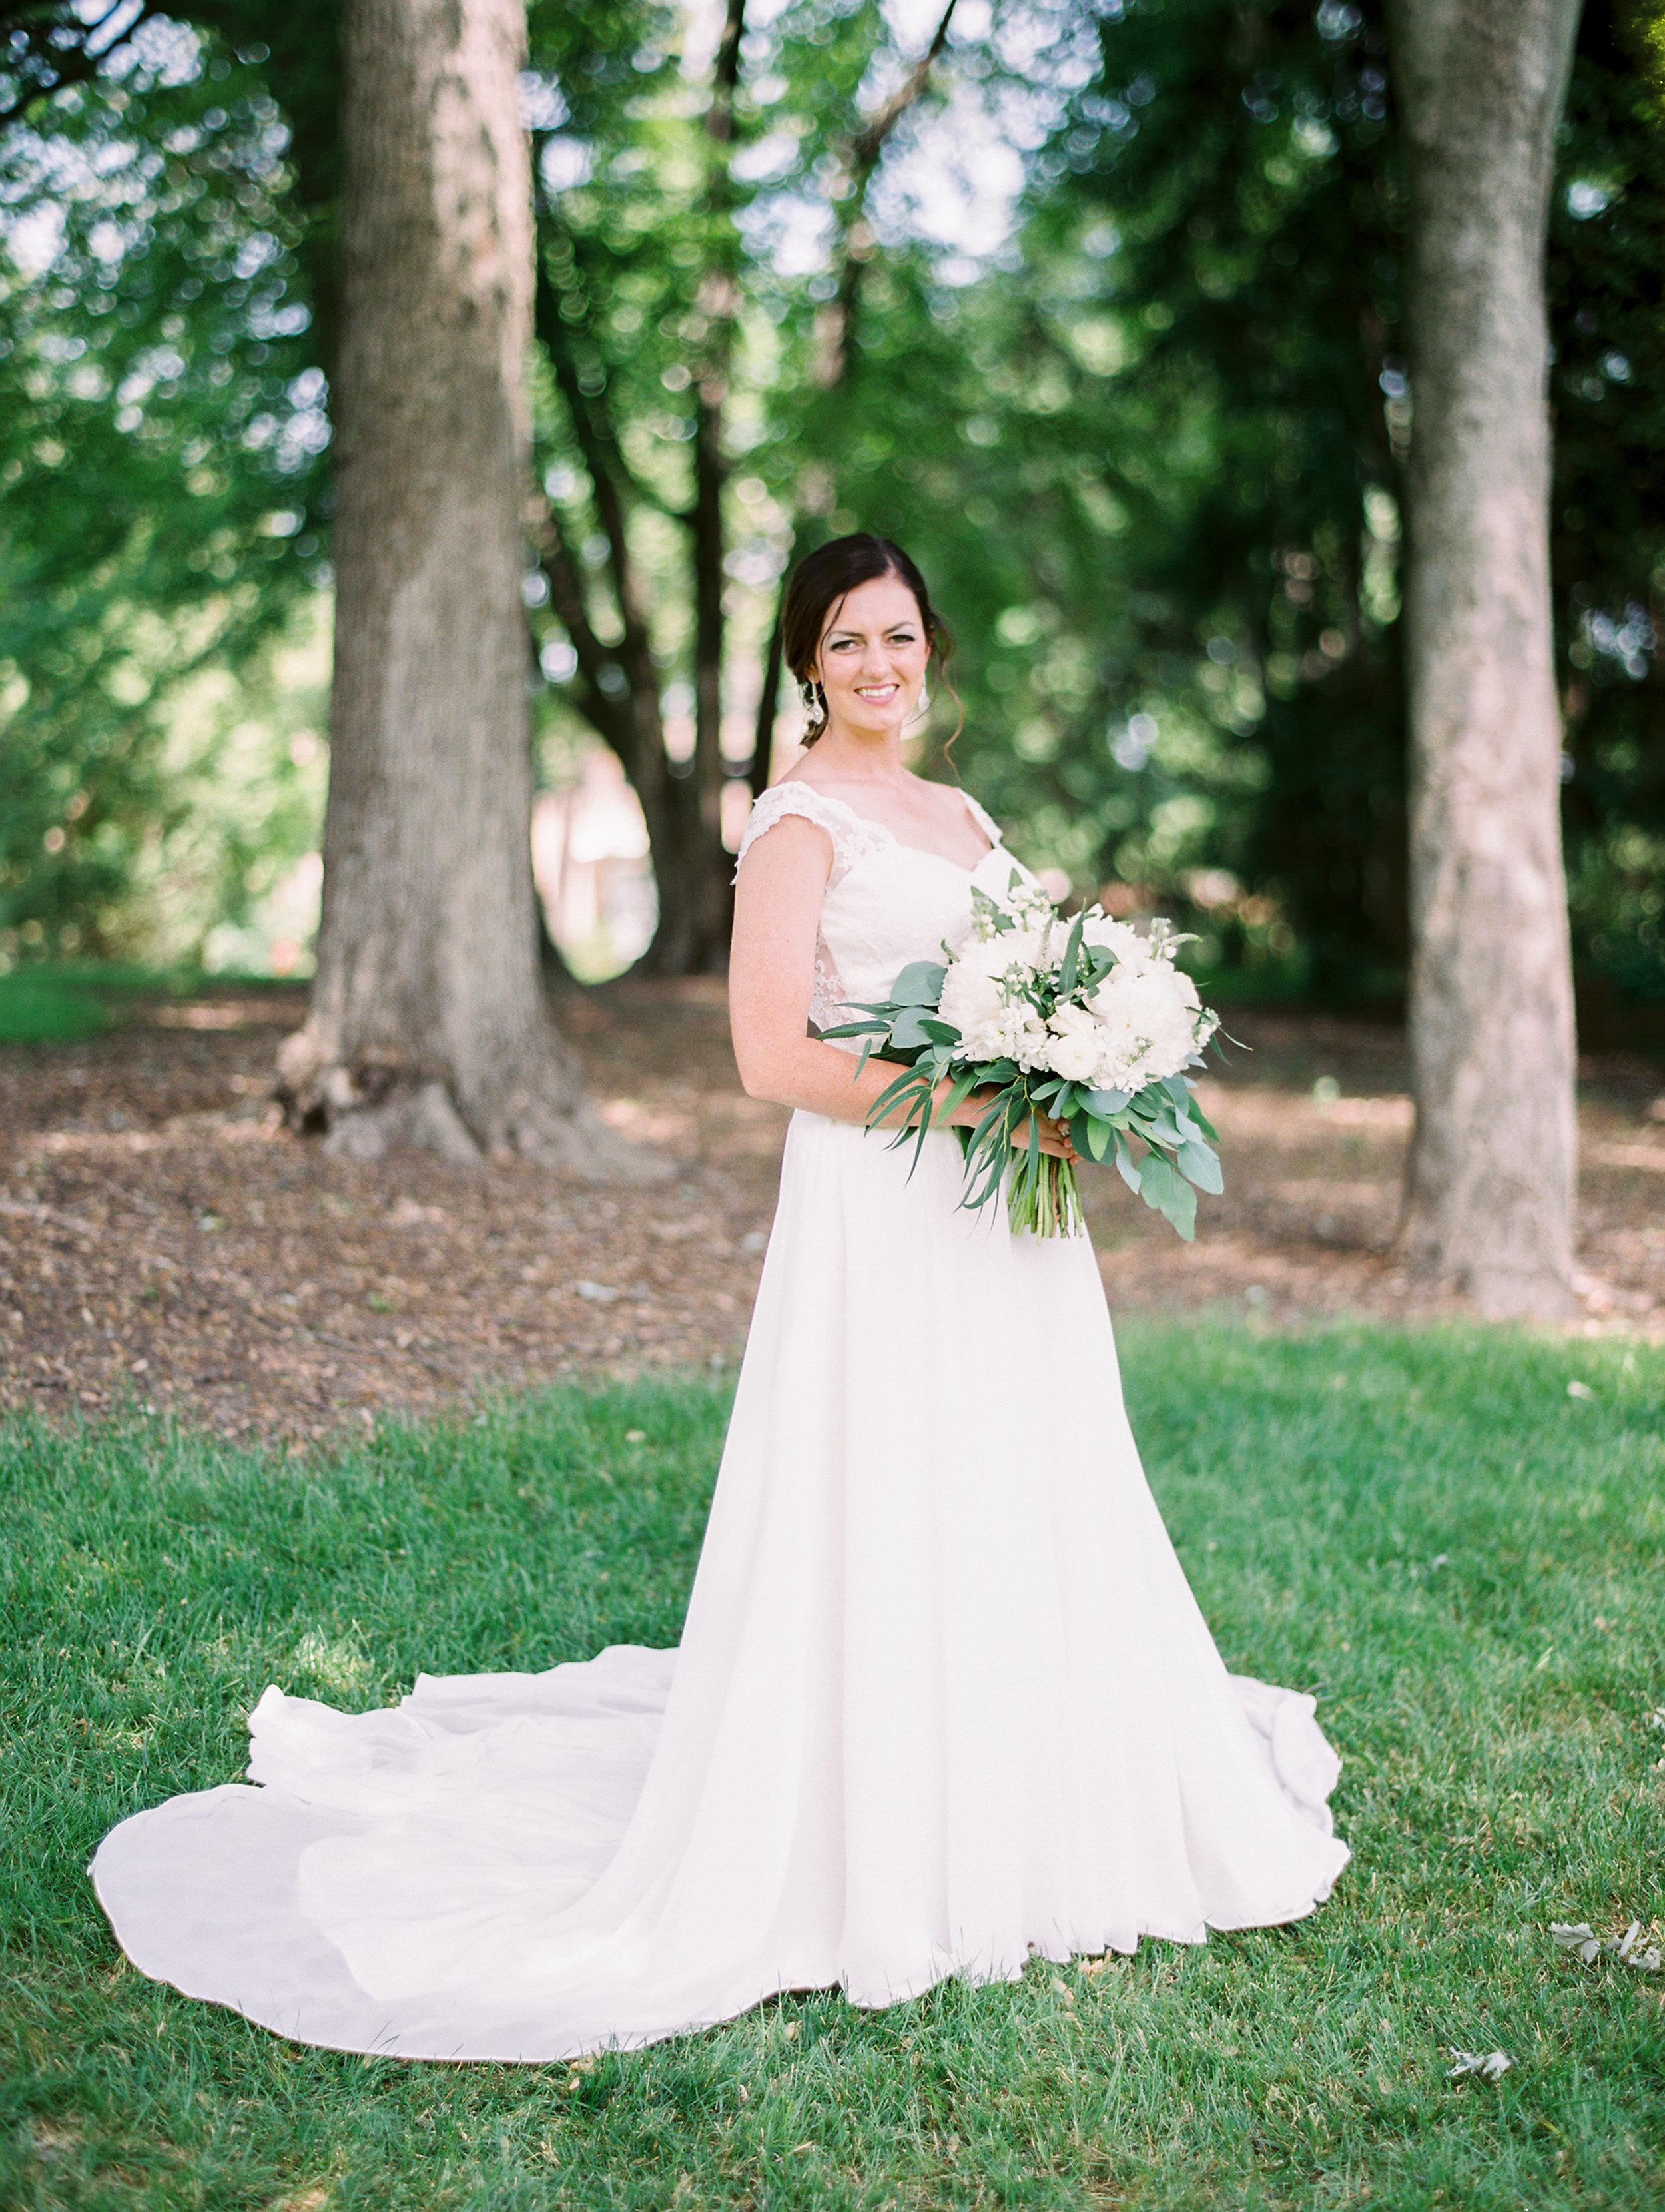 Julius+Wedding+BridalPartyf-16.jpg